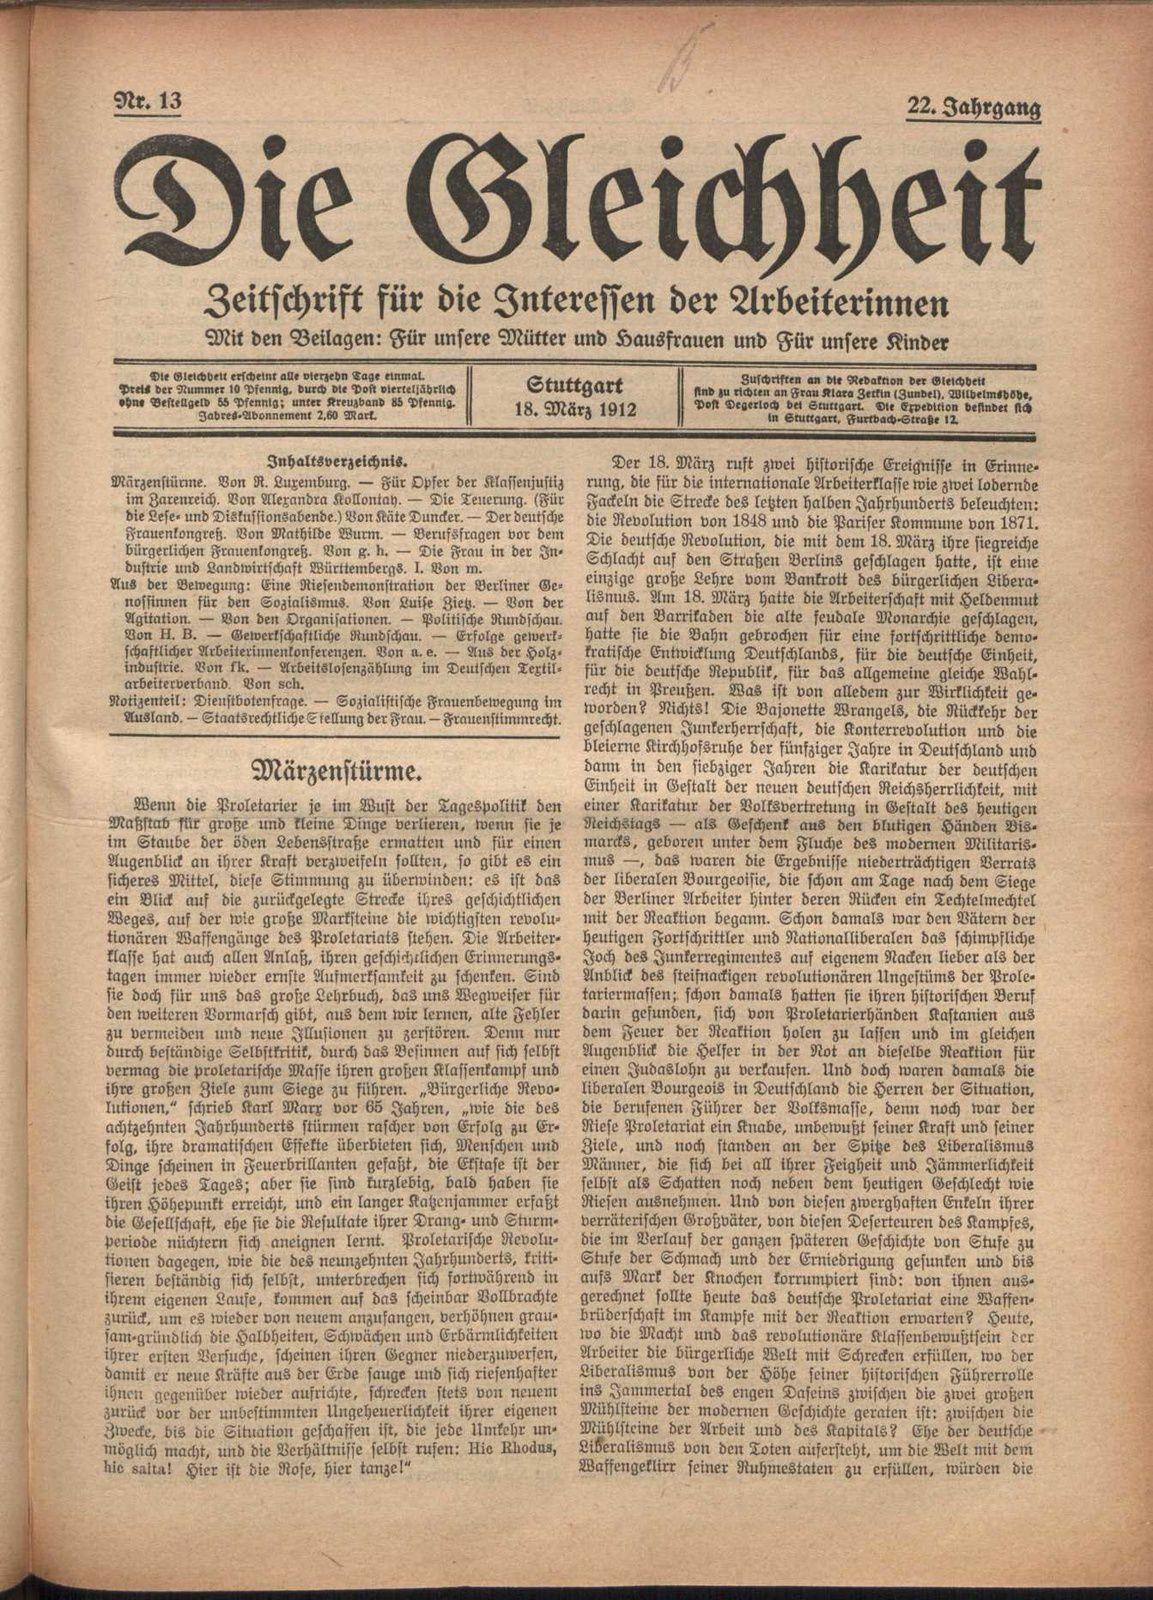 Märzenstürme1 - Die Gleichheit 18 mars 1915